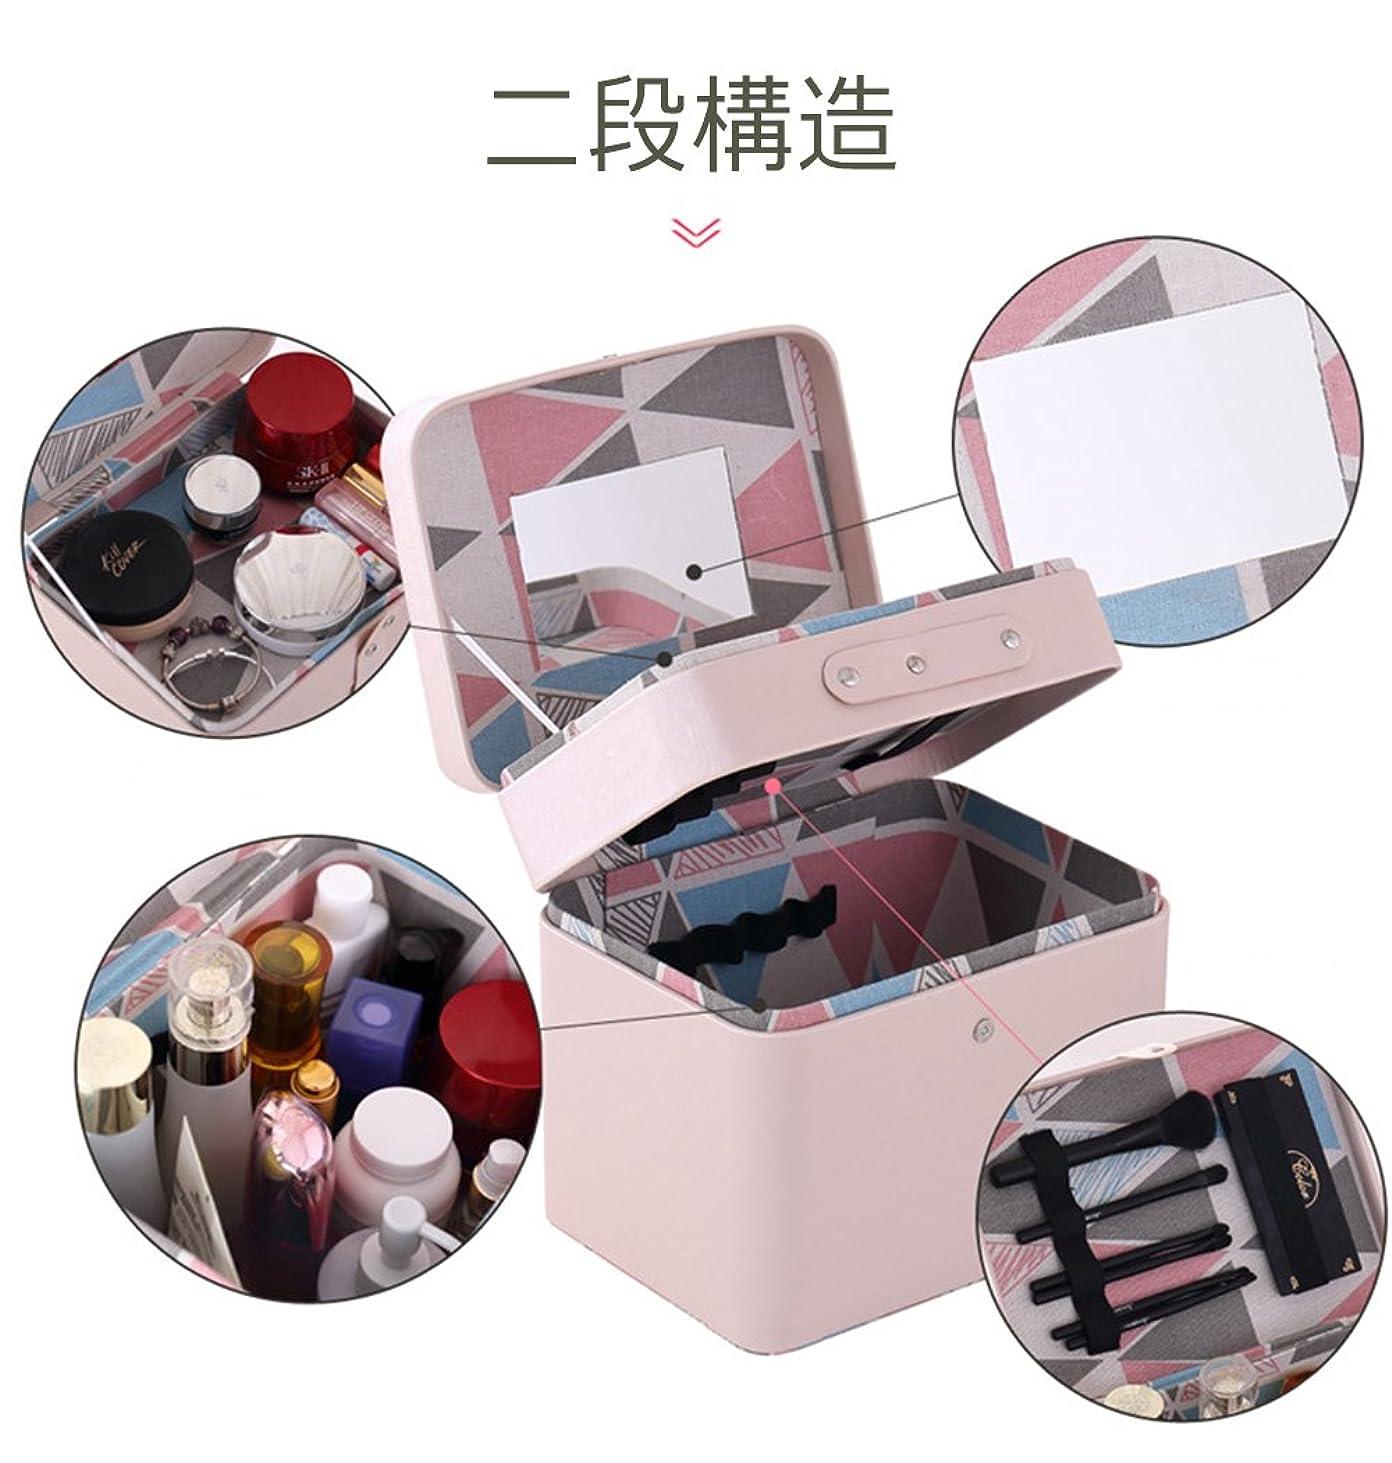 誤って持続するピカリングSZTulip メイクボックス コスメボックス 大容量収納ケース メイクブラシ化粧道具 小物入れ 鏡付き 化粧品収納ボックス (ピンク)